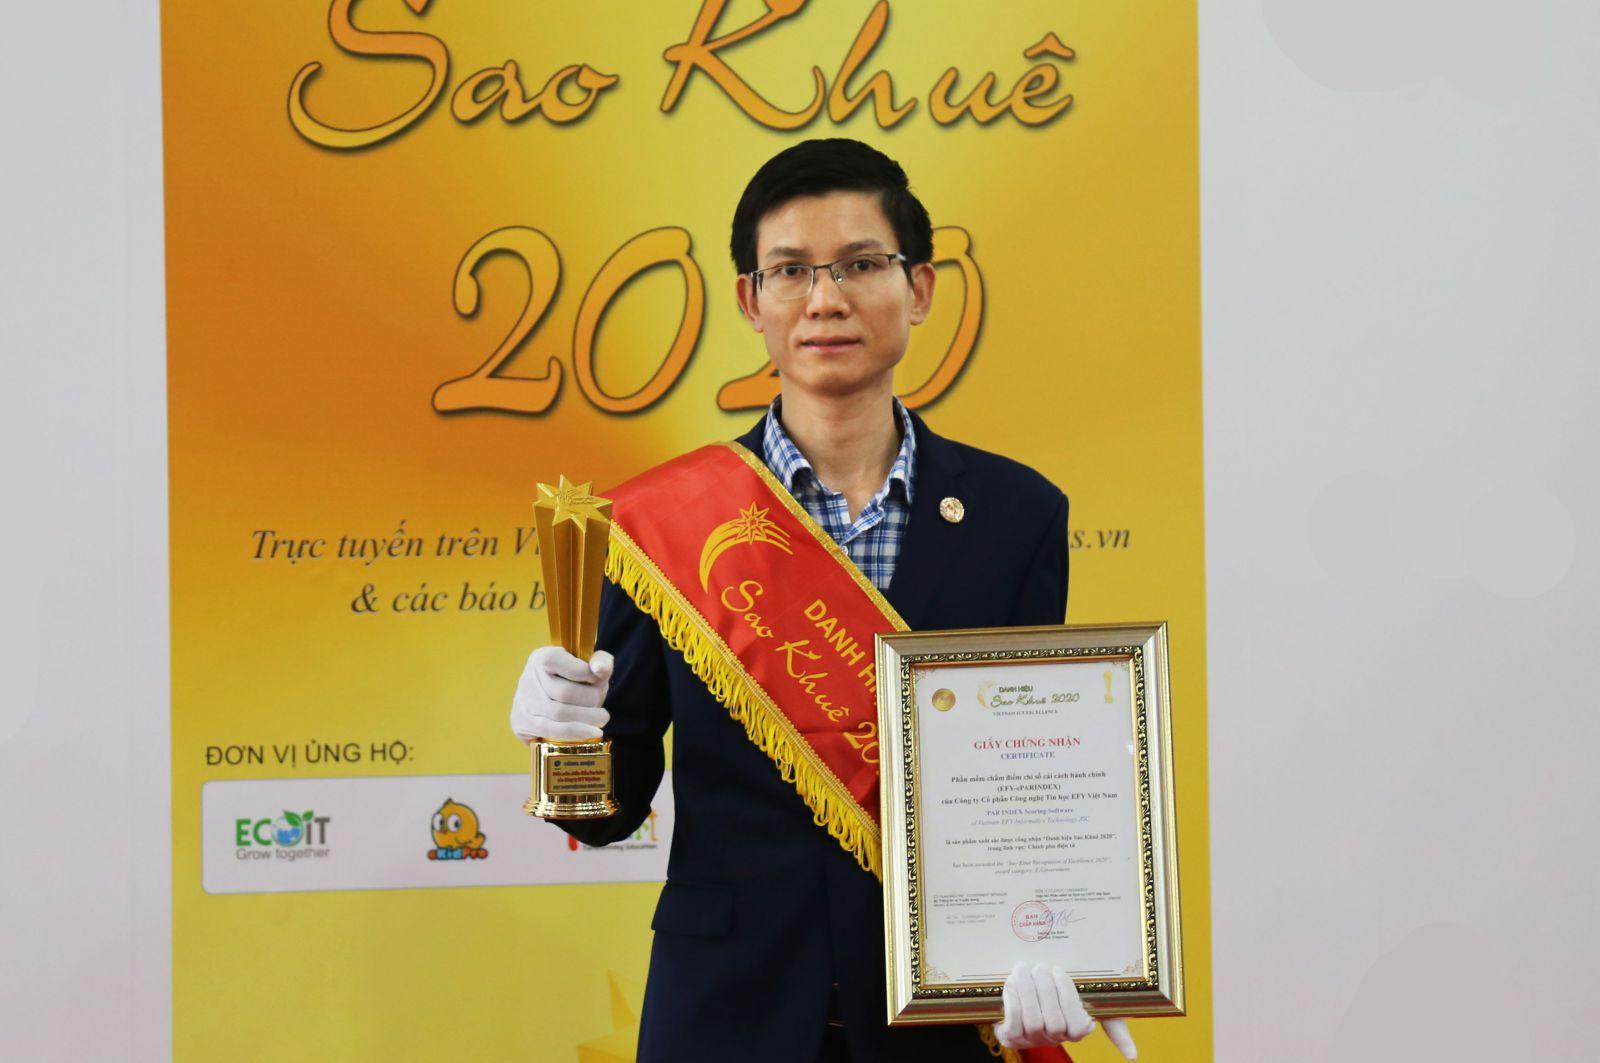 EFY Việt Nam nhận giải thưởng Sao Khuê 2020